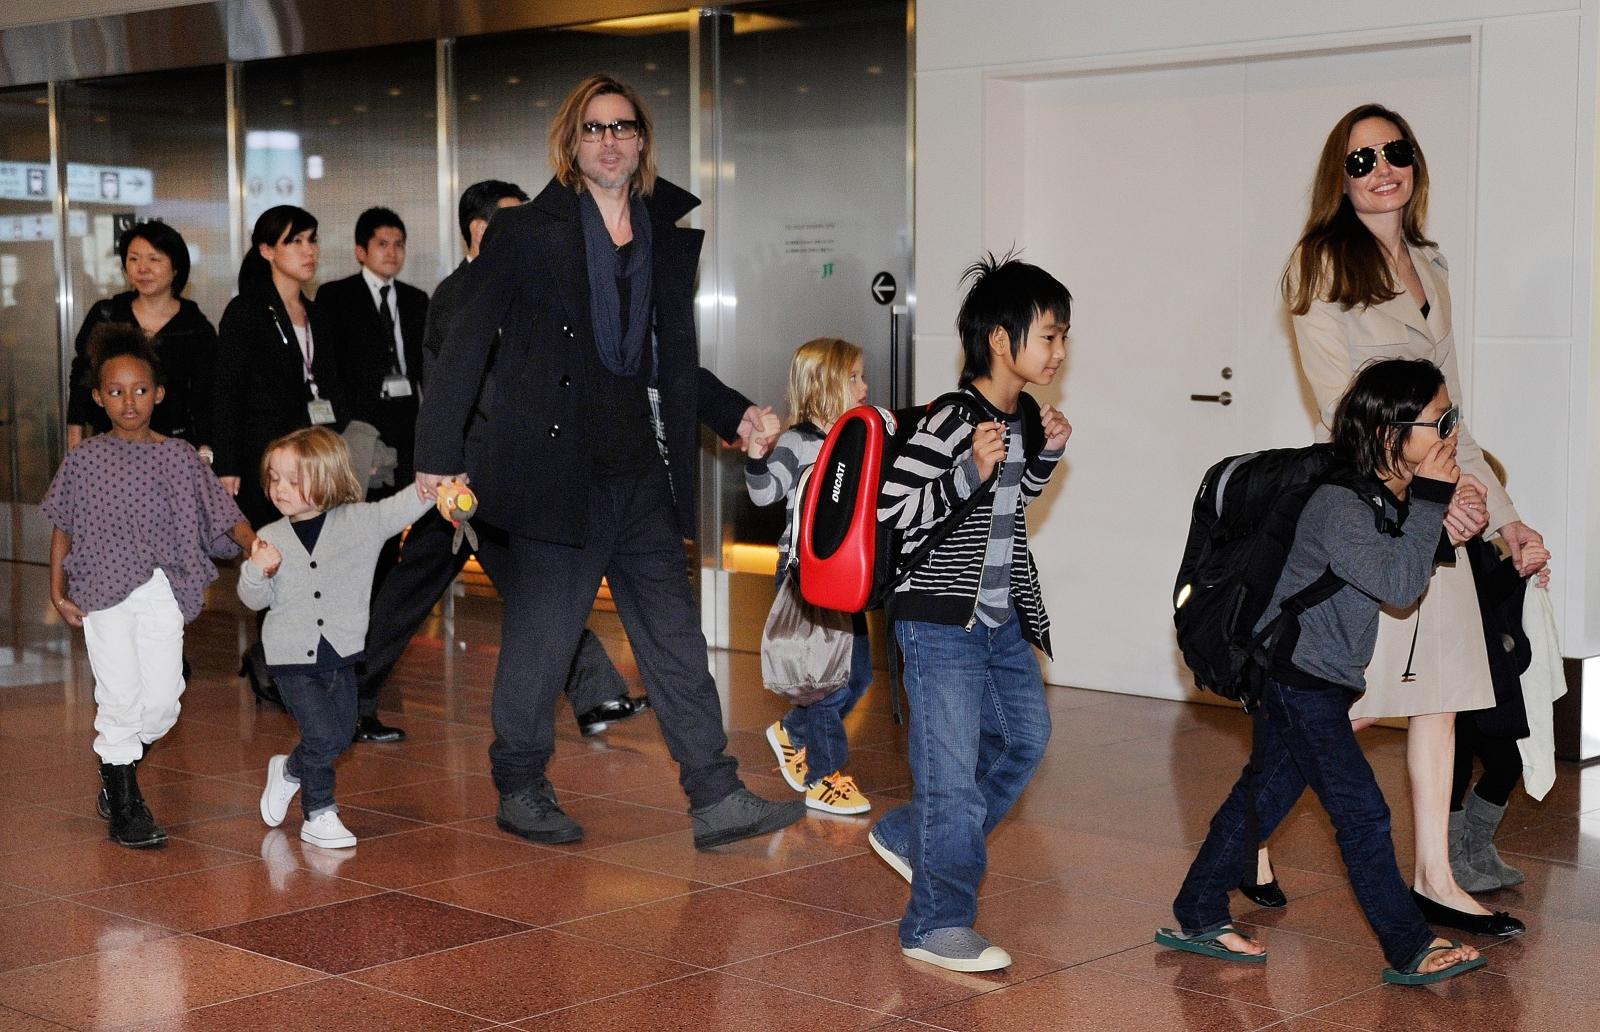 Angelina Jolie, Brad Pitt and family